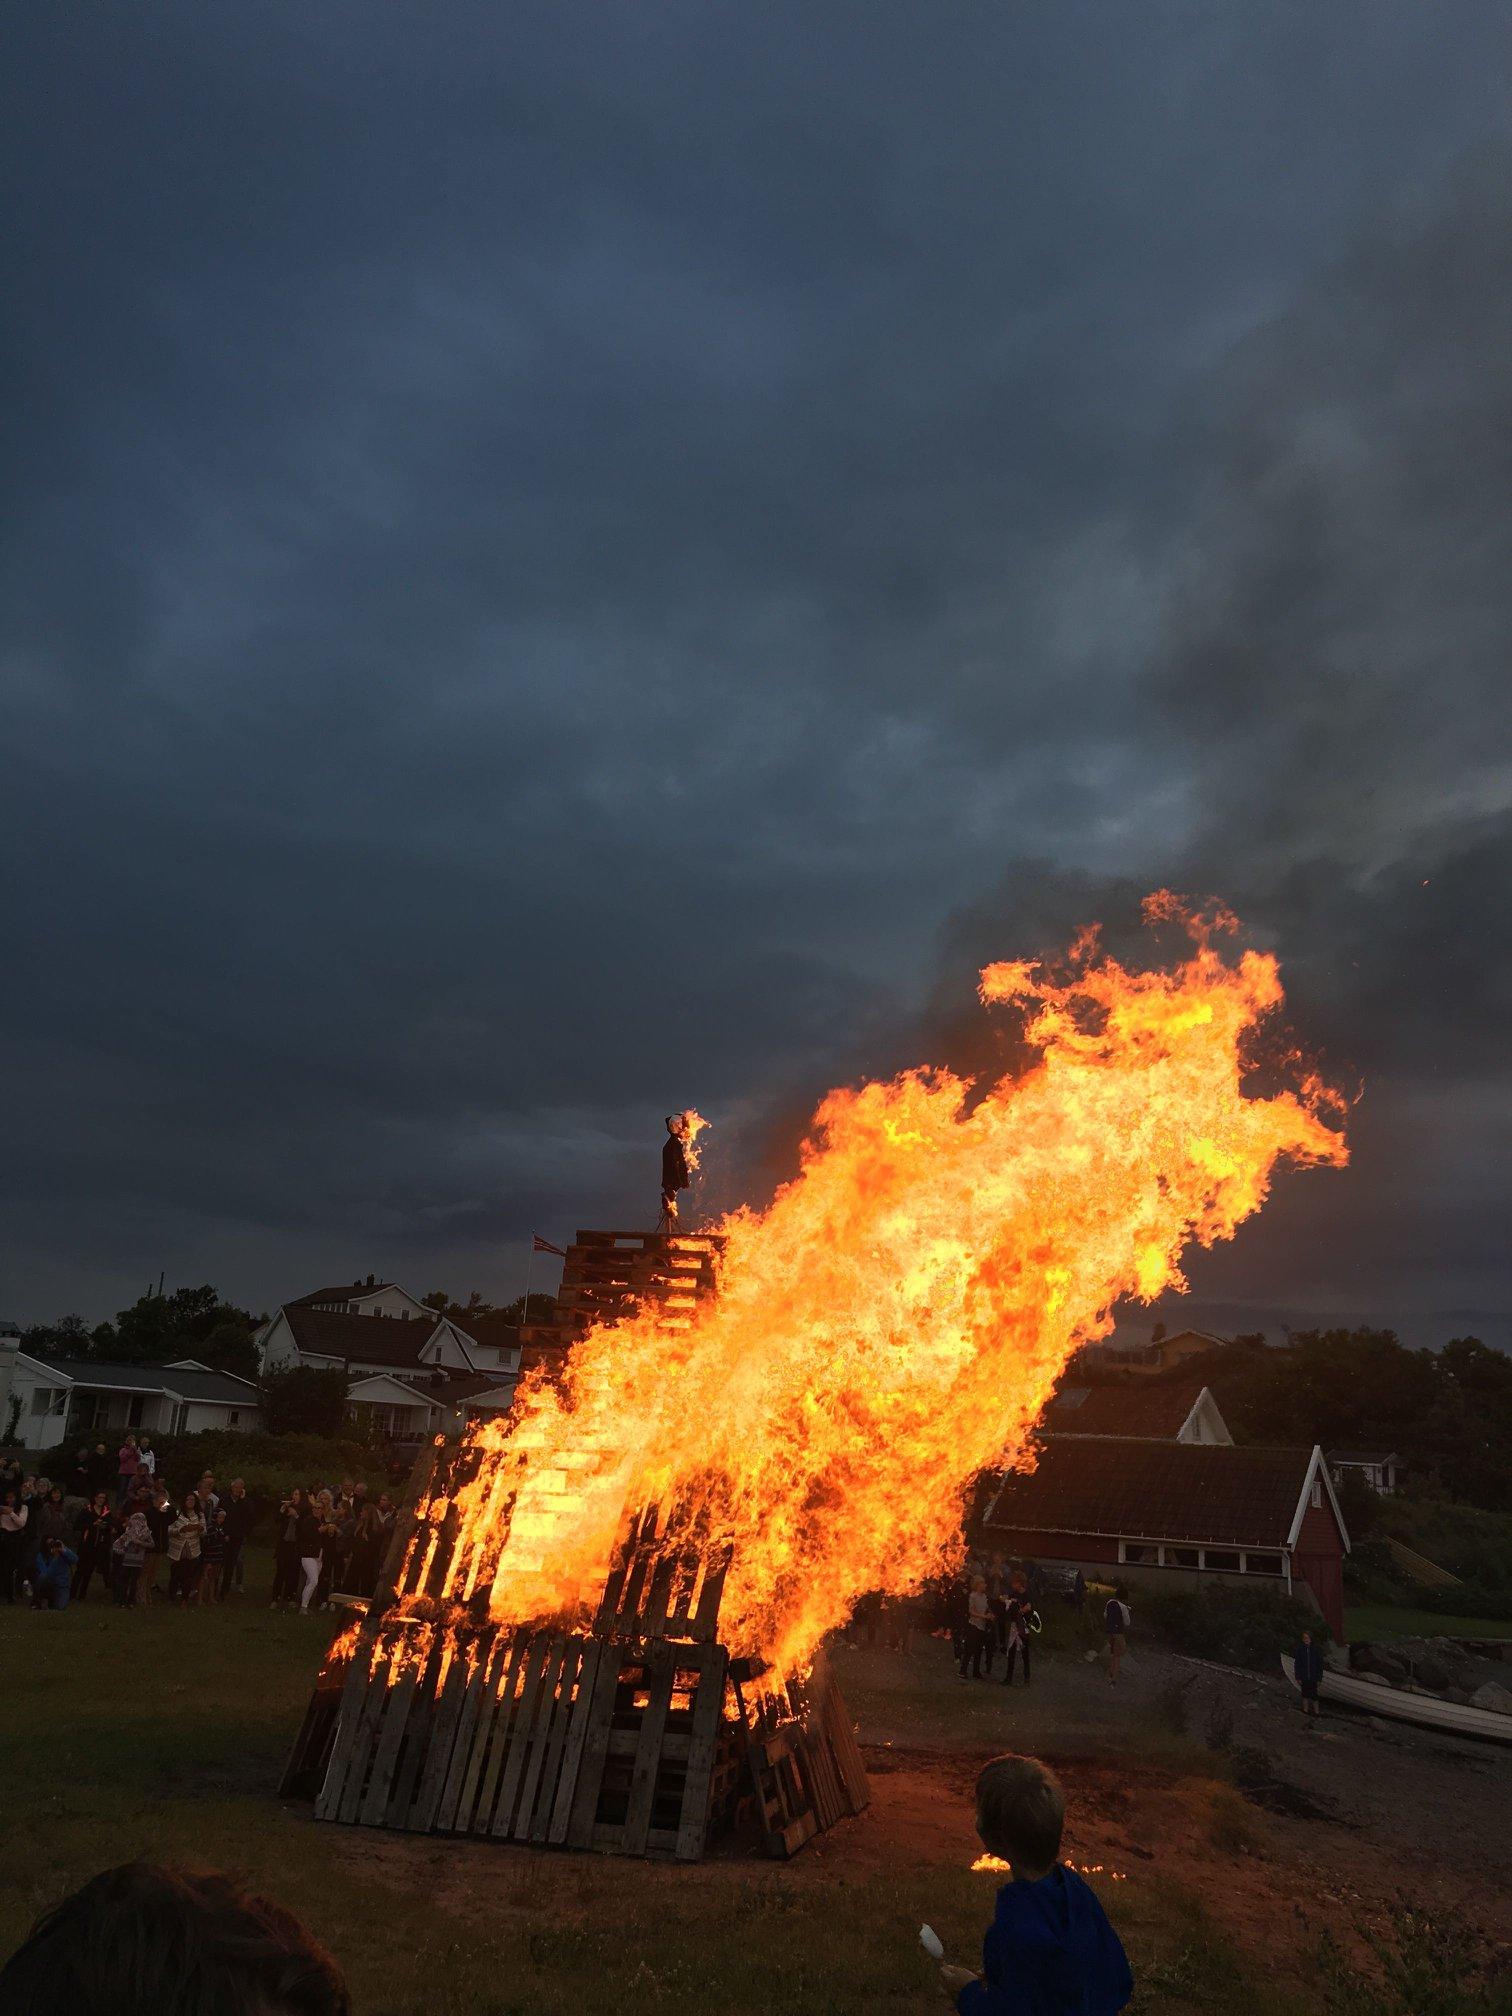 Sankthansfeiring på Krugestranda på Sandøsund, Hvasser.